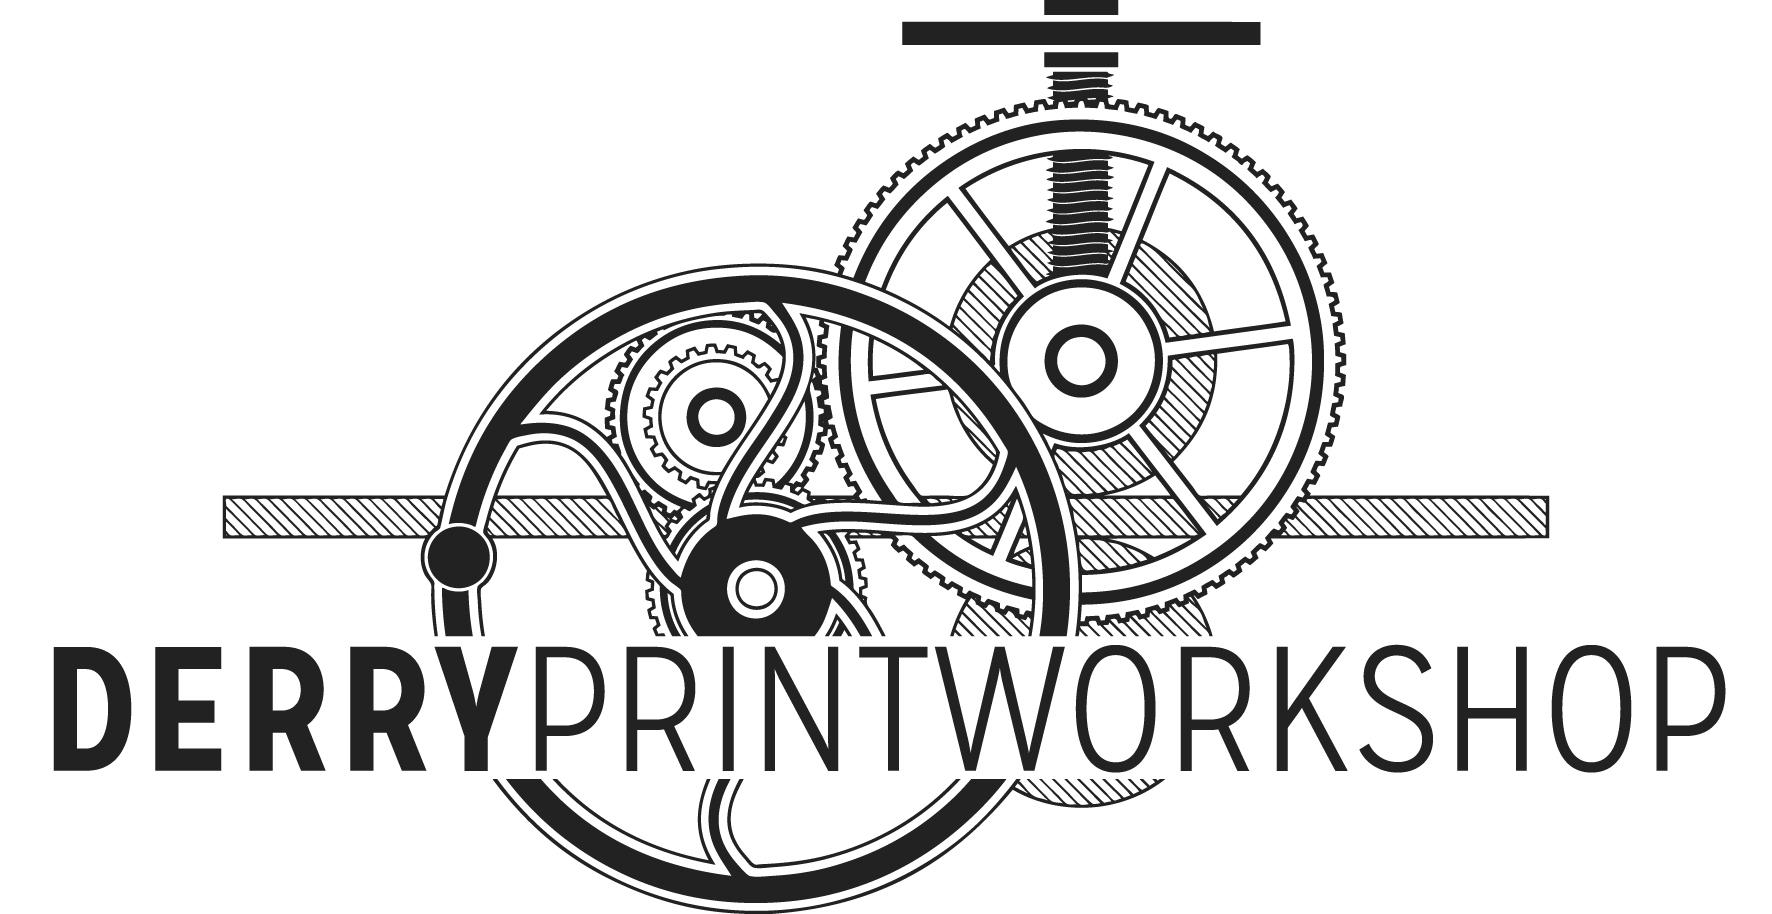 DPW_logo.jpg#asset:8442